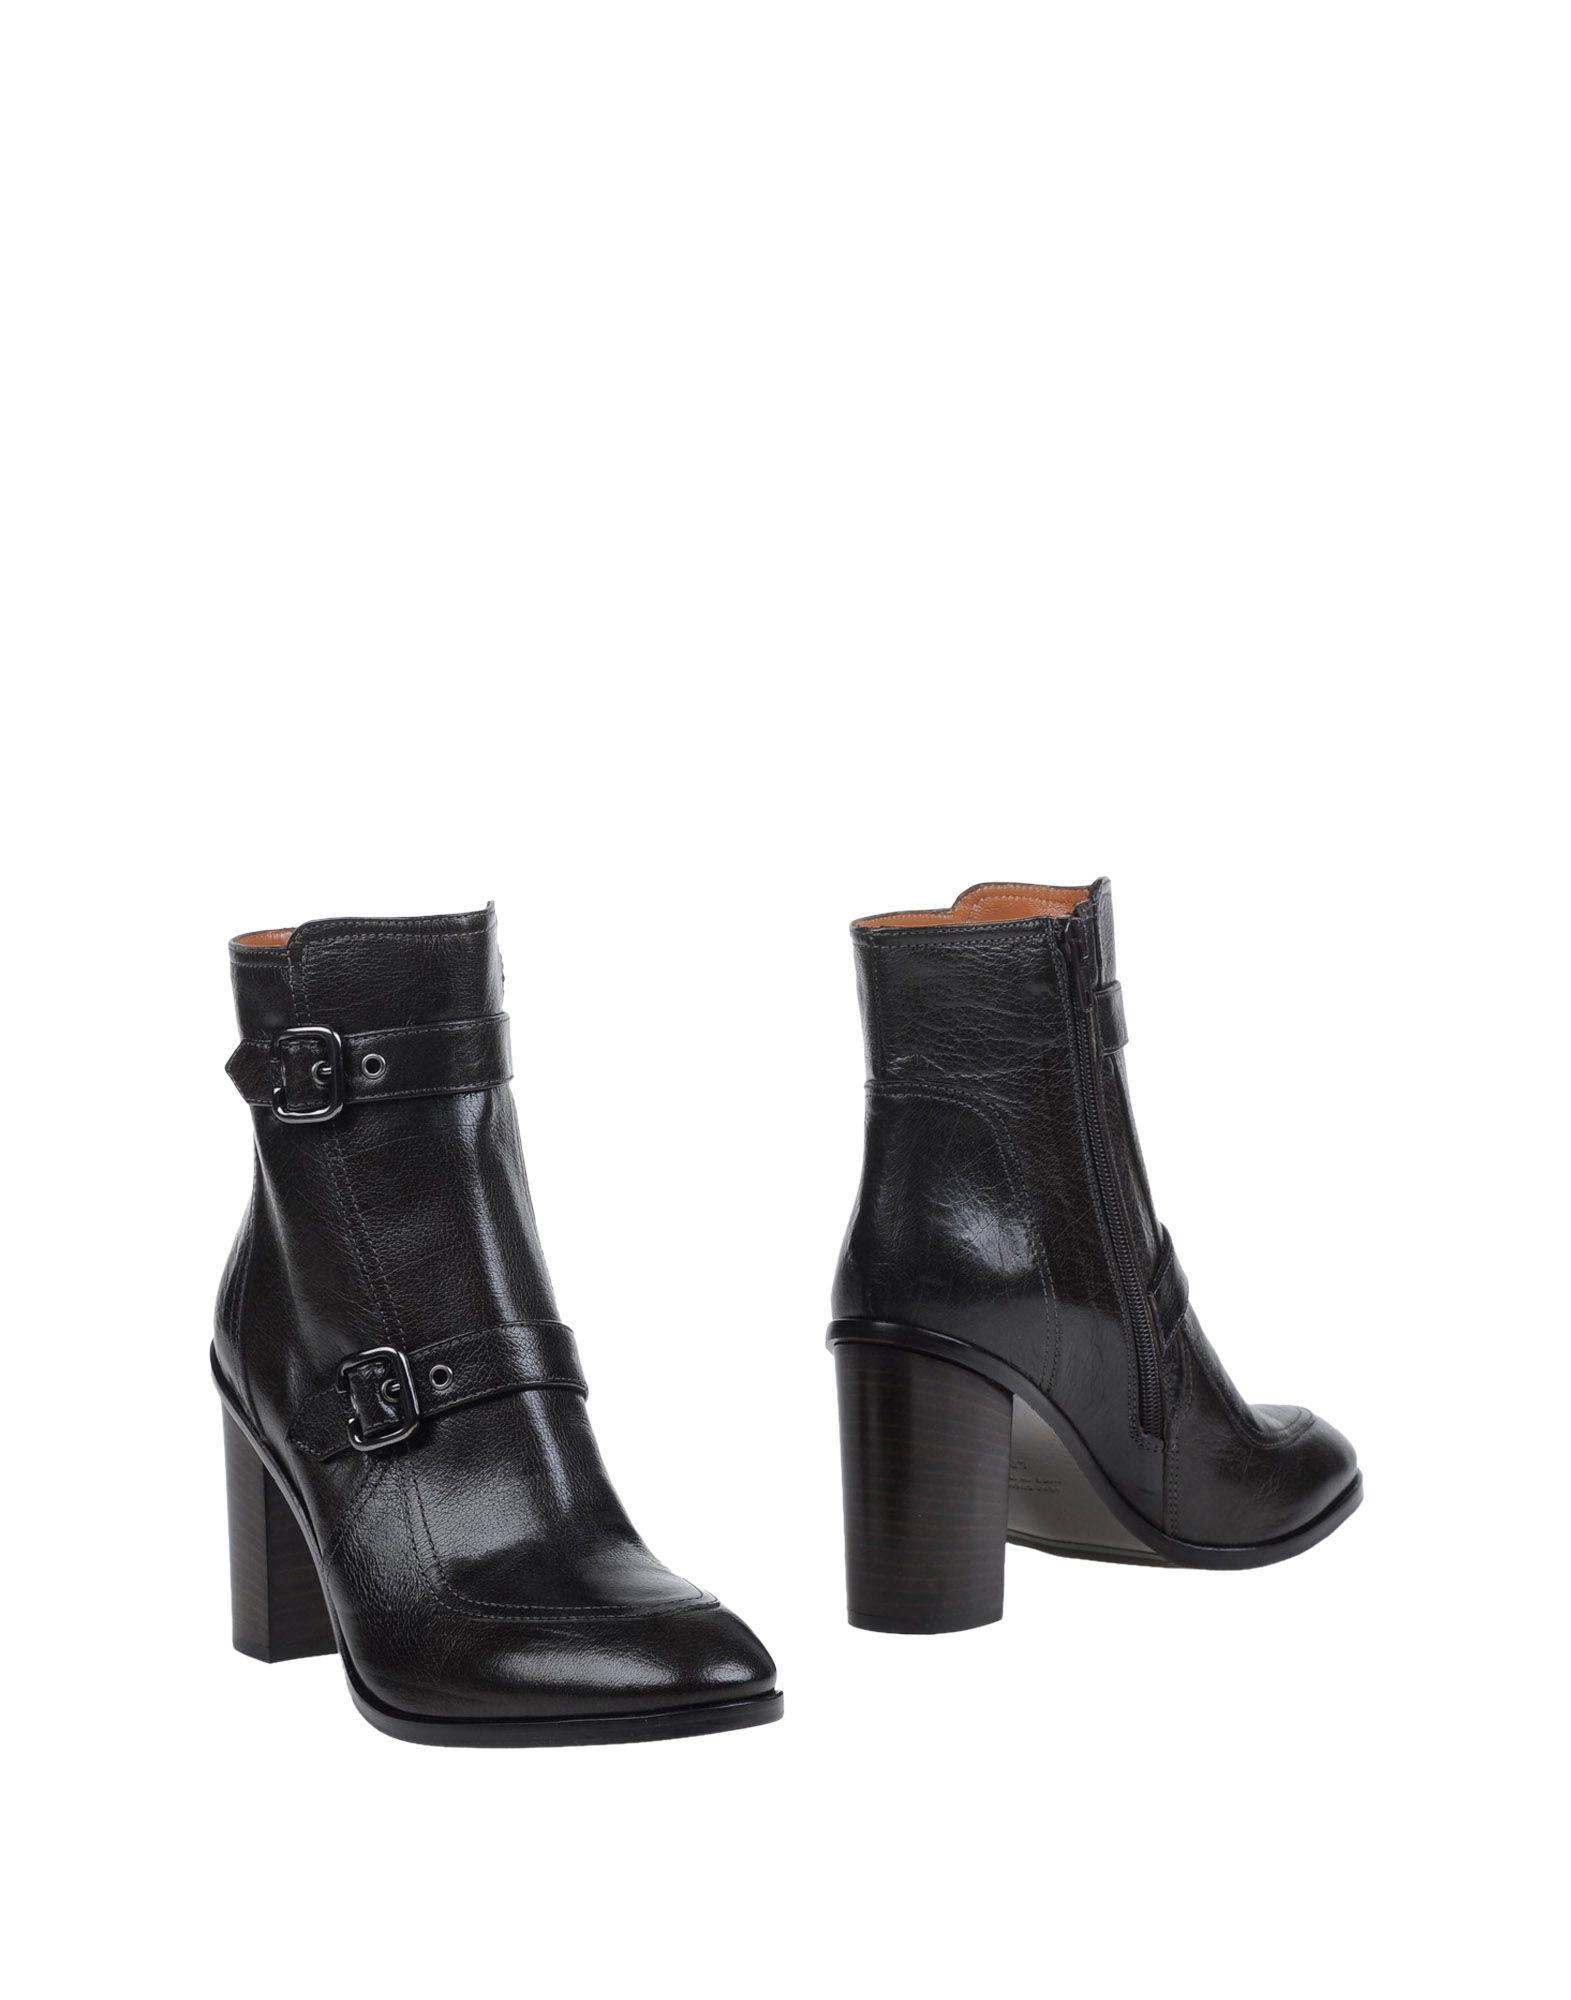 8 Stiefelette Damen  11090099FV Gute Qualität beliebte Schuhe